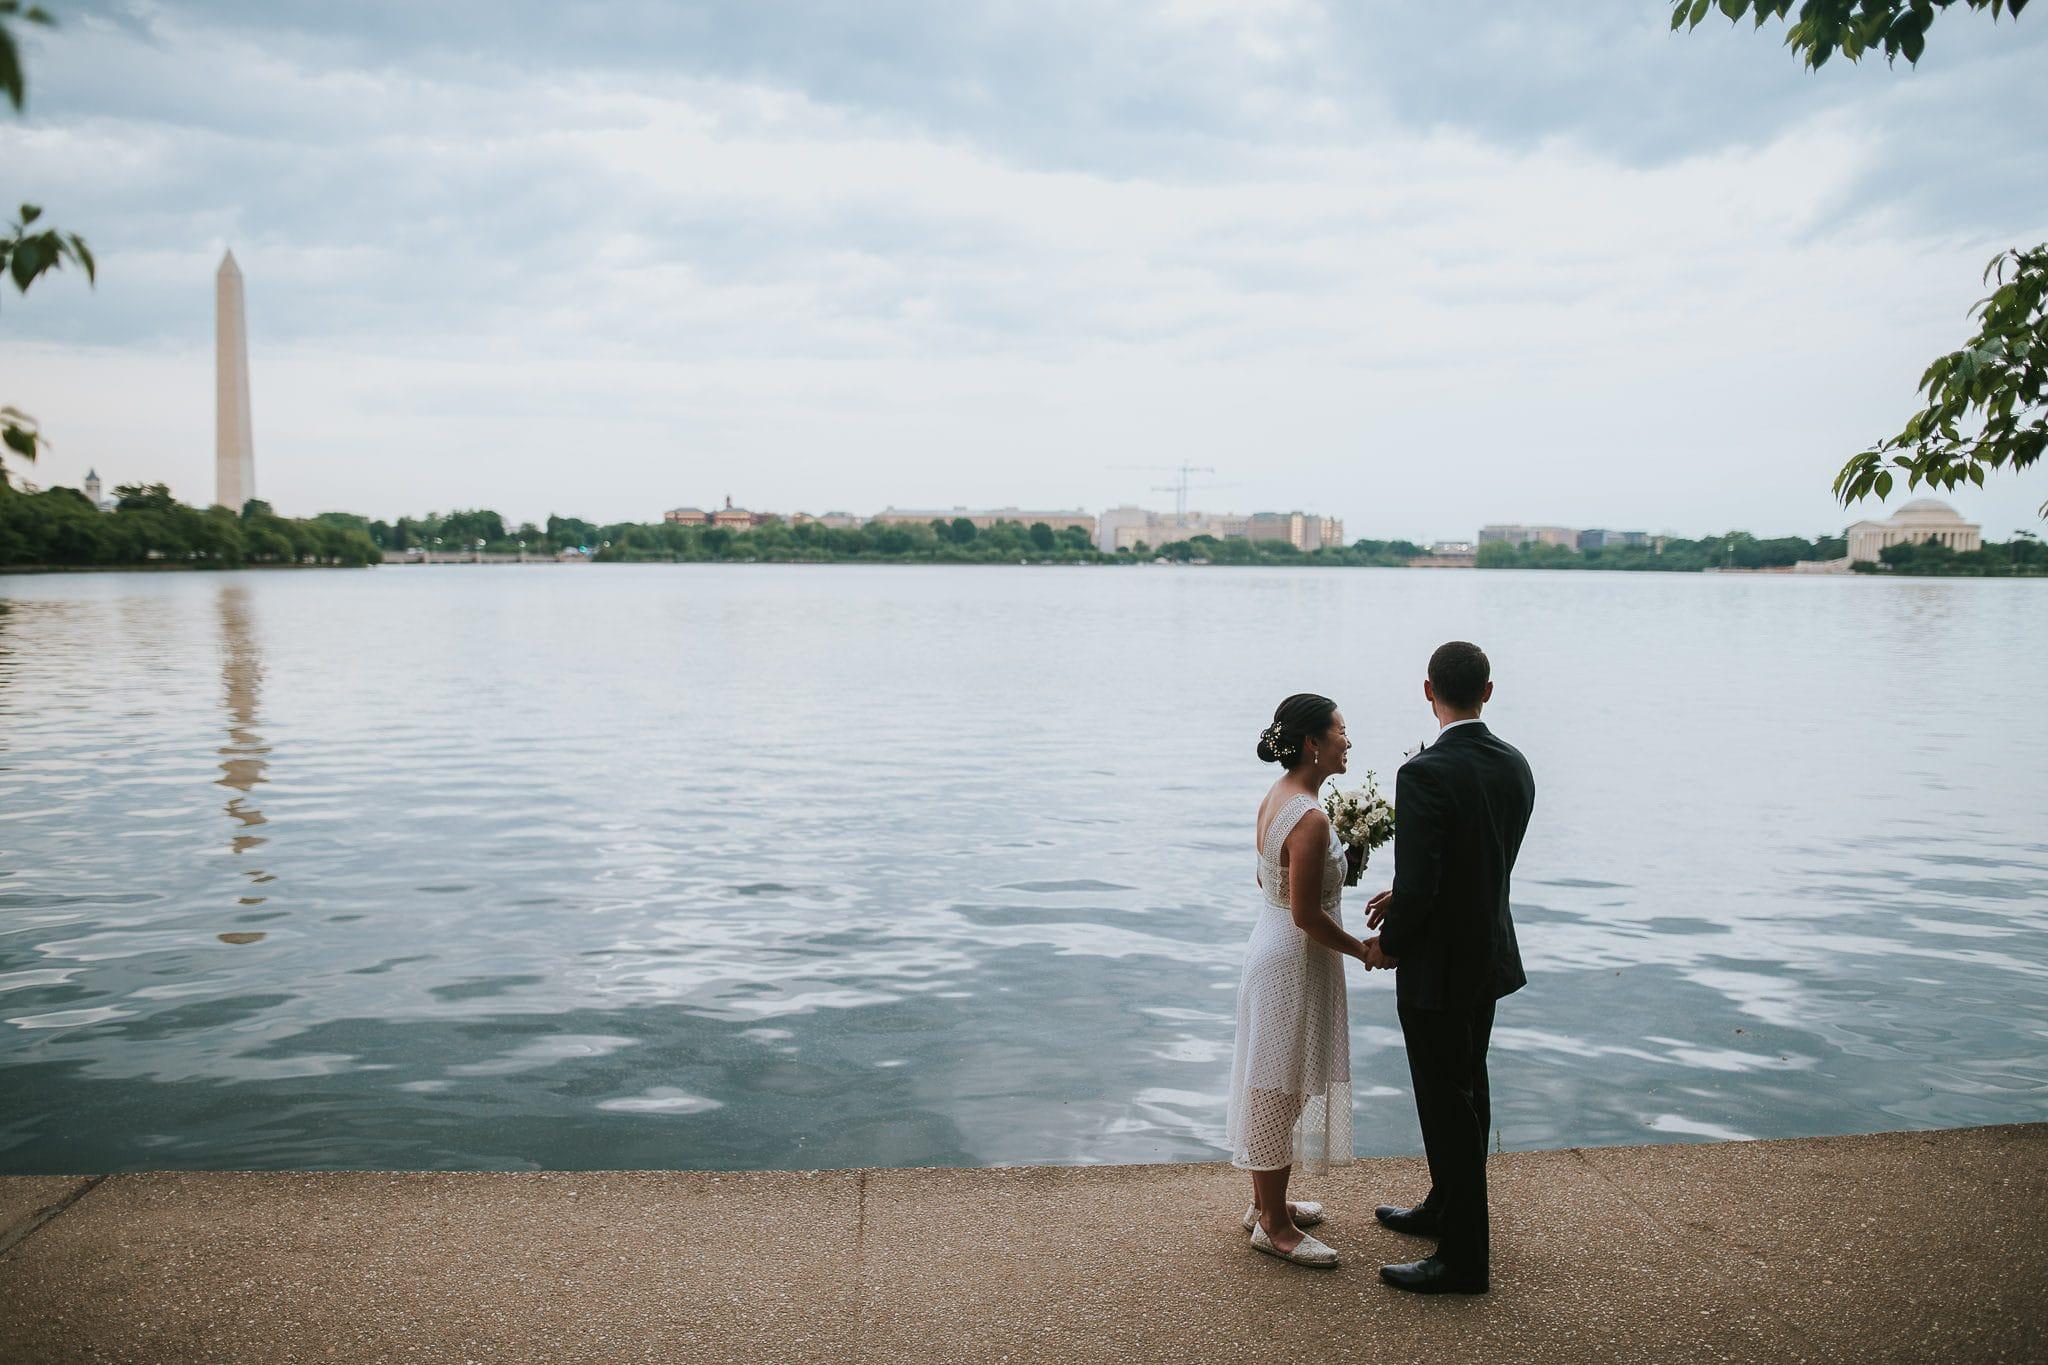 washington dc tidal basin wedding